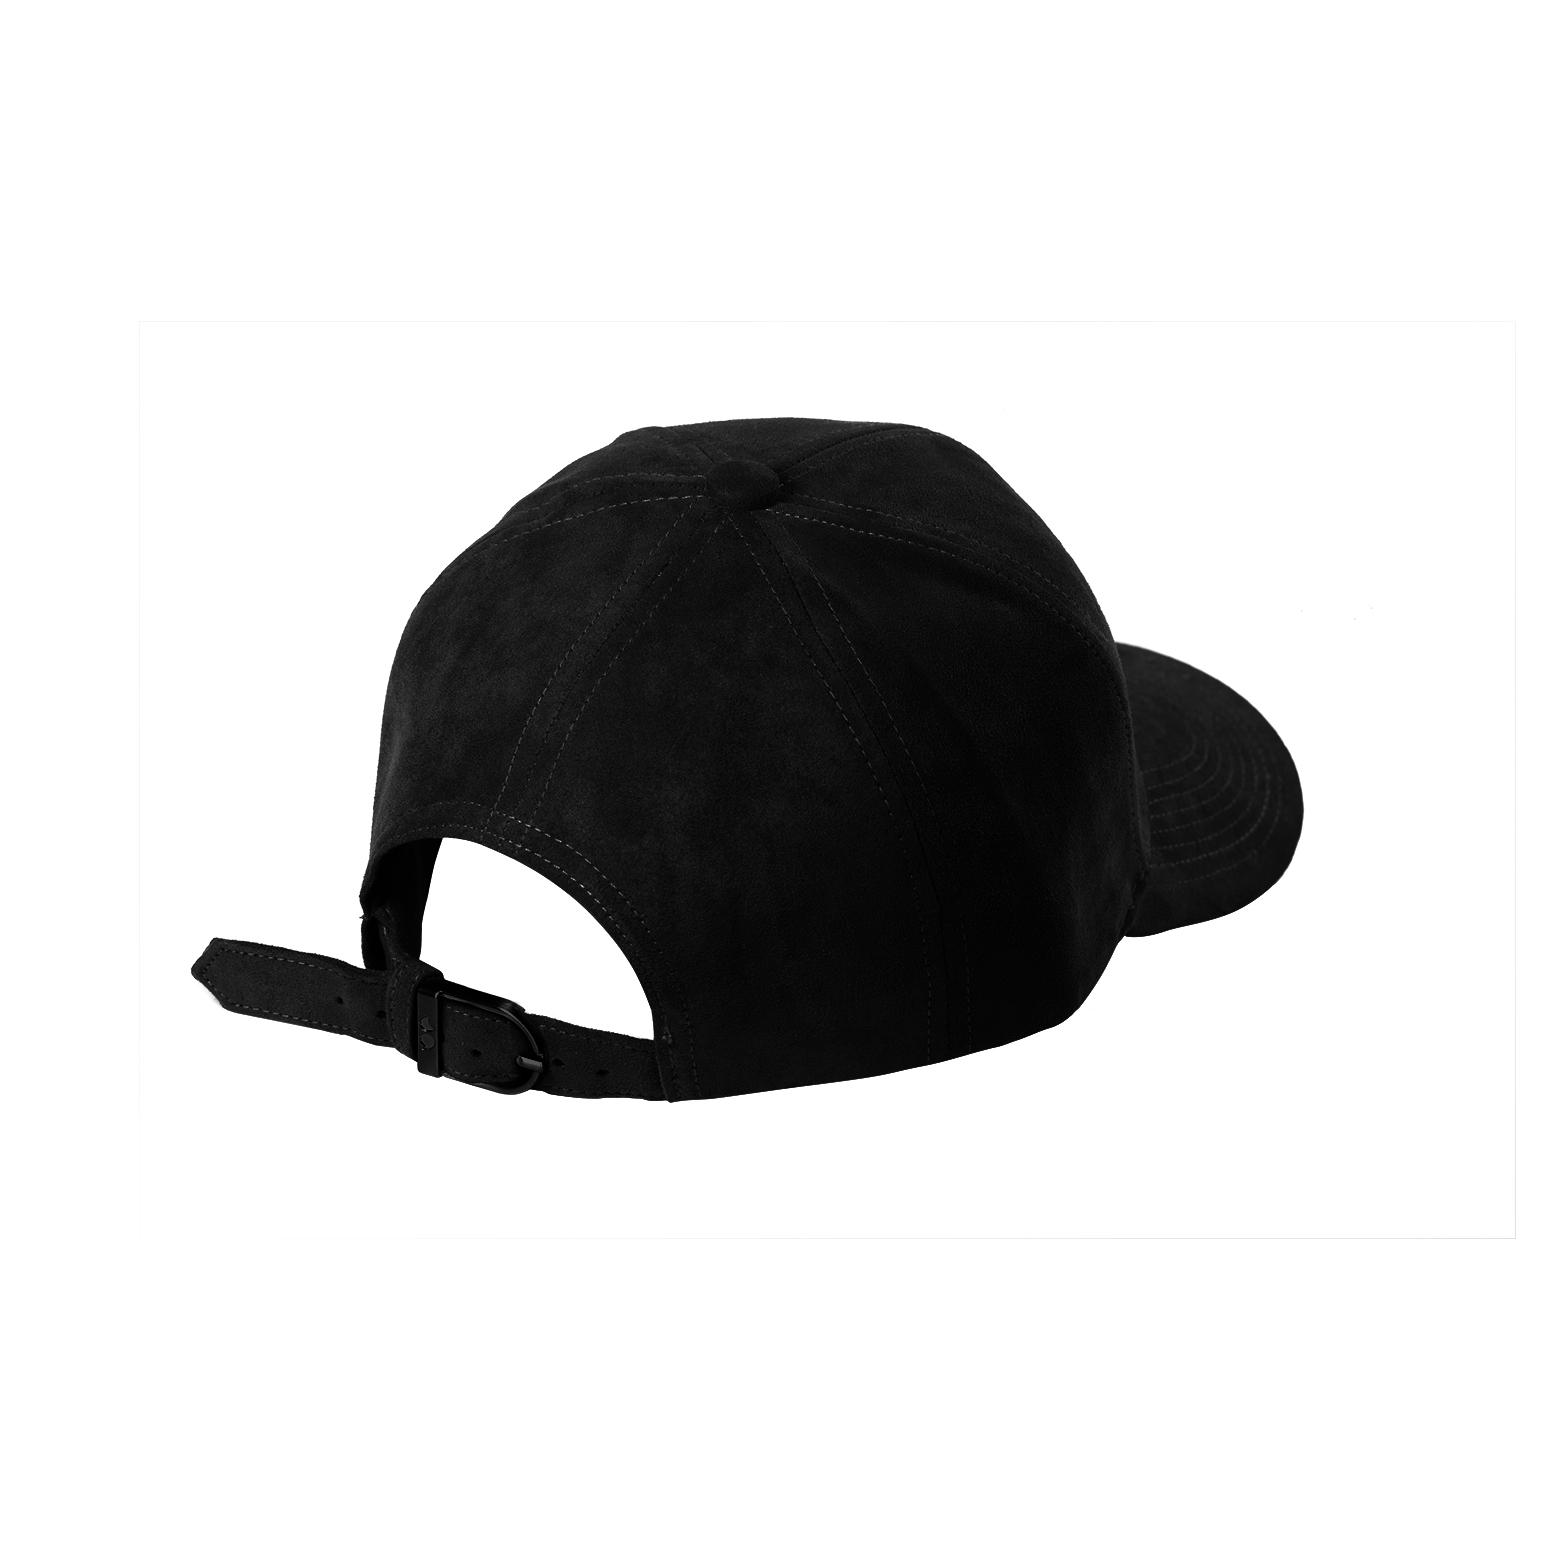 BASEBALL CAP BLACK SUEDE BLACK MAT BACK SIDE